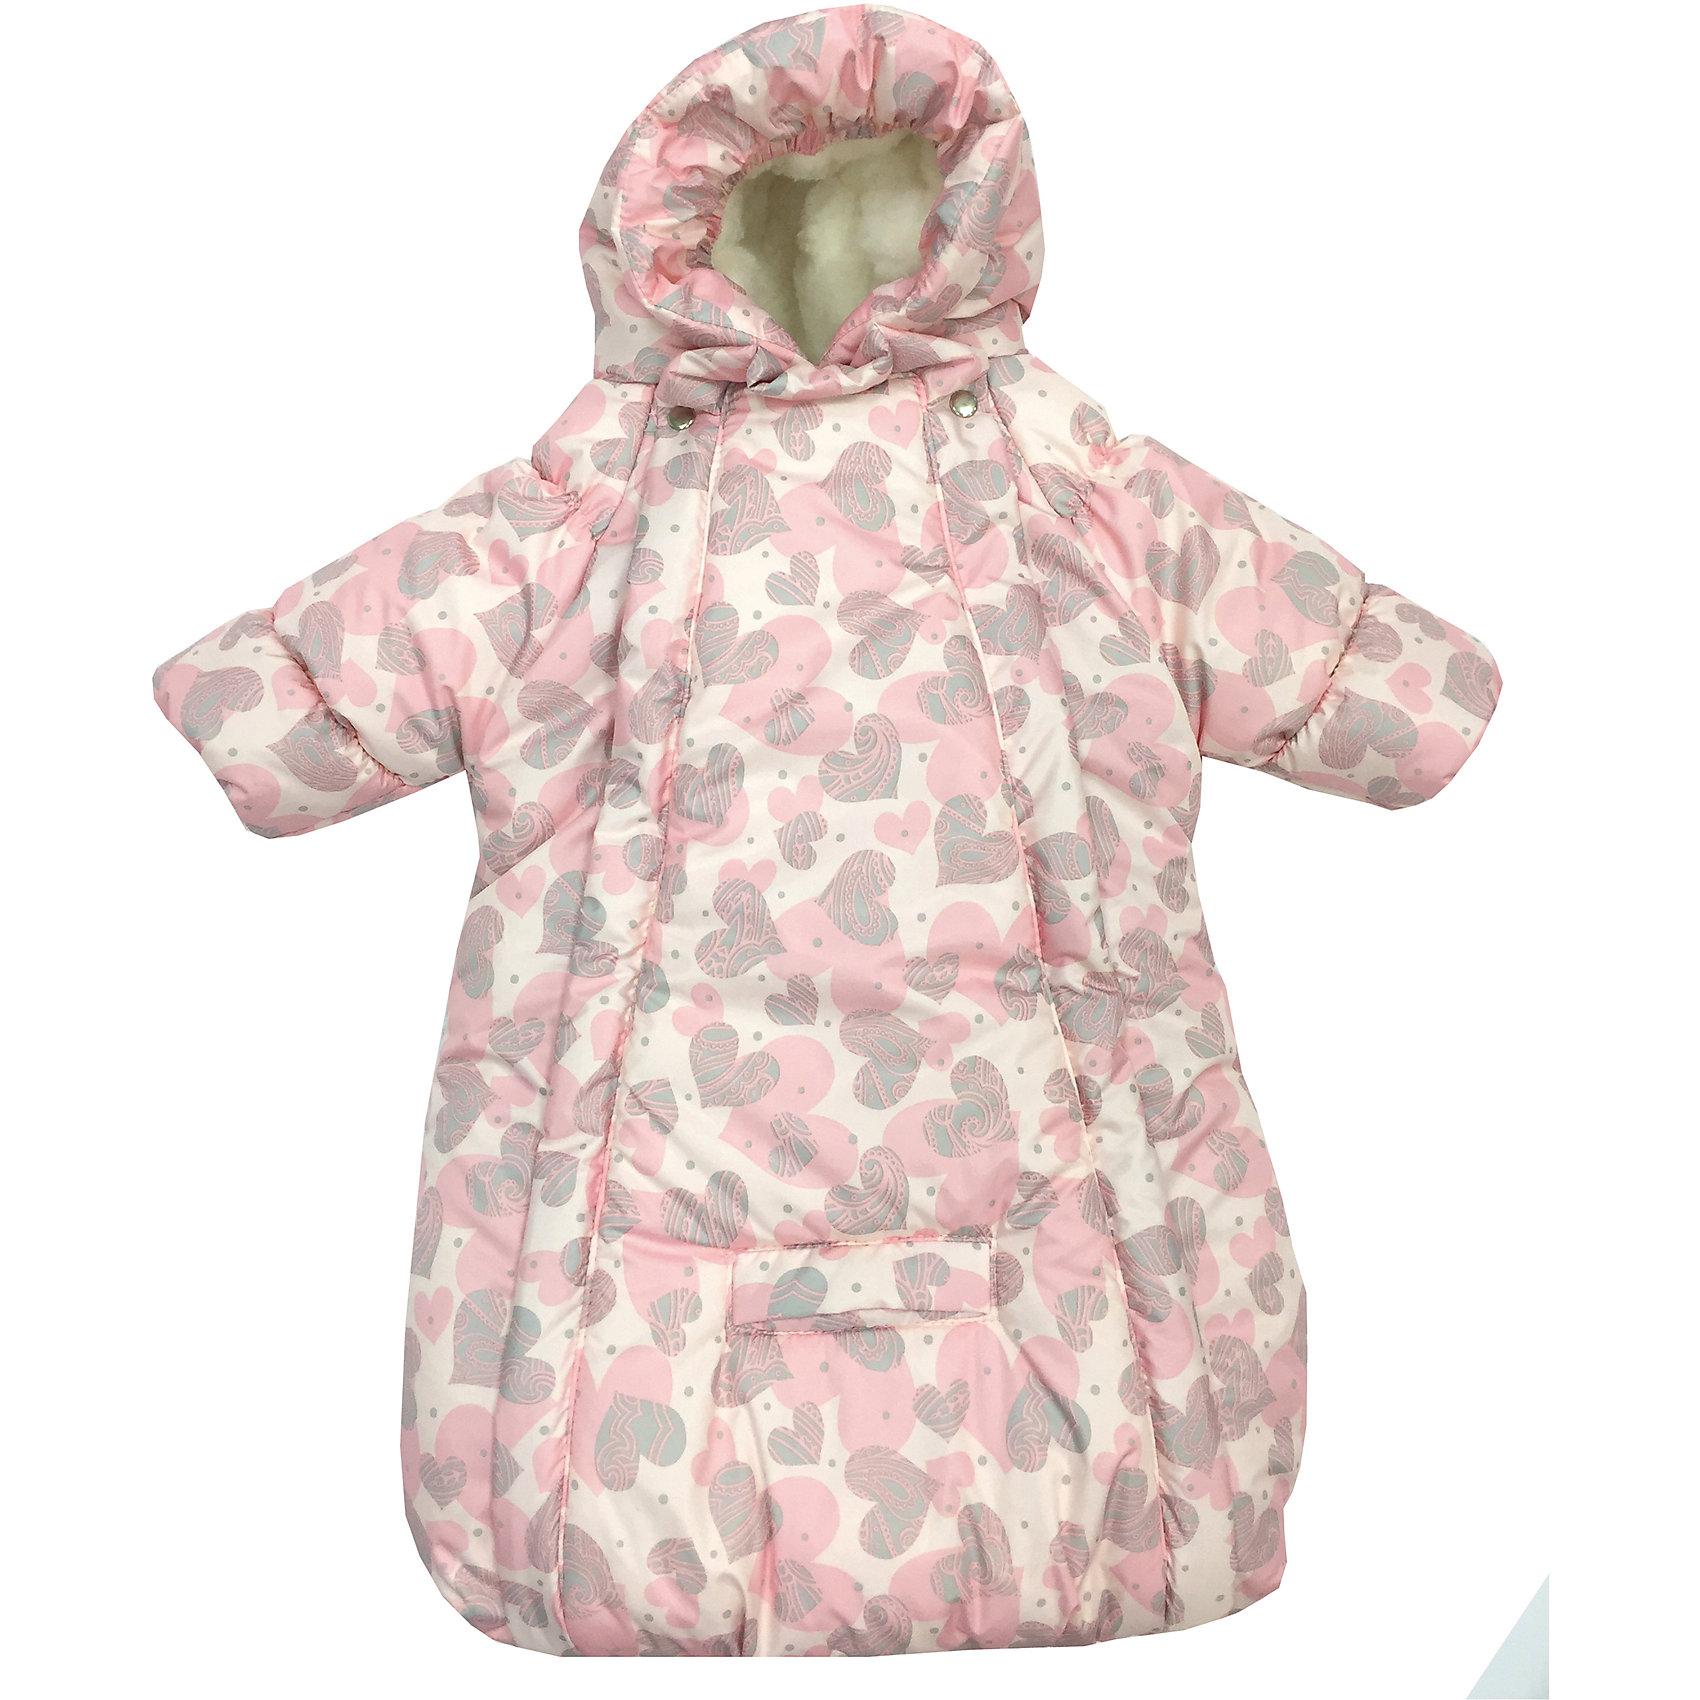 Конверт-комбинезон с ручками Сердца, овчина, СуперМаМкет, нежно-розовыйЗимние конверты<br>Характеристики:<br><br>• Вид детской одежды: верхняя<br>• Предназначение: для прогулок, на выписку<br>• Возраст: от 0 до 6 месяцев<br>• Сезон: зима<br>• Степень утепления: высокая<br>• Температурный режим: от 0? С до -30? С<br>• Пол: для девочки<br>• Тематика рисунка: сердечки<br>• Цвет: оттенки розового, светло-коричневый<br>• Материал: верх – мембрана (плащевка), утеплитель – 150 г. синтепона, подклад – овечий ворс на тканевой основе<br>• Форма конверта: комбинезон-конверт<br>• По бокам имеются застежки-молнии<br>• Застежка на кнопках у горловины<br>• На комбинезоне предусмотрены прорези как для 3-х точечных, так и для 5-ти точечных ремней безопасности<br>• У рукавов предусмотрены манжеты-отвороты<br>• Капюшон с регулировкой по овалу лица<br>• Размеры (Ш*Д): 45*75 см, длина от плеча до низа 56 см<br>• Вес: 800 г <br>• Особенности ухода: допускается деликатная стирка без использования красящих и отбеливающих средств<br><br>Комбинезон-конверт от СуперМаМкет выполнен в форме расширенного книзу кокона, на рукавах предусмотрены отвороты для защиты от холода детских ручек, капюшон имеет регулировку по овалу лица, а у горловины имеются застежки на кнопках. Верх изделия выполнен из плащевки, которая отличается повышенными качествами износоустойчивости и обладает повышенными защитными свойствами от влаги и ветра. Изделие имеет двойное утепление: из синтепона (150 г.) и подклада, выполненного из специально обработанного овечьего ворса, что обеспечивает повышенные теплоизоляционные свойства и придает изделию дополнительную мягкость. Конверт-комбинезон с ручками Сердца, овчина, СуперМаМкет, нежно-розовый оснащен боковыми застежками-молниями, которые расстегиваются до самого низа, что обеспечивает удобство в одевании ребенка. <br><br>Конверт-комбинезон с ручками Сердца, овчина, СуперМаМкет, нежно-розовый можно купить в нашем интернет-магазине.<br><br>Ширина мм: 750<br>Глубина мм: 450<br>В